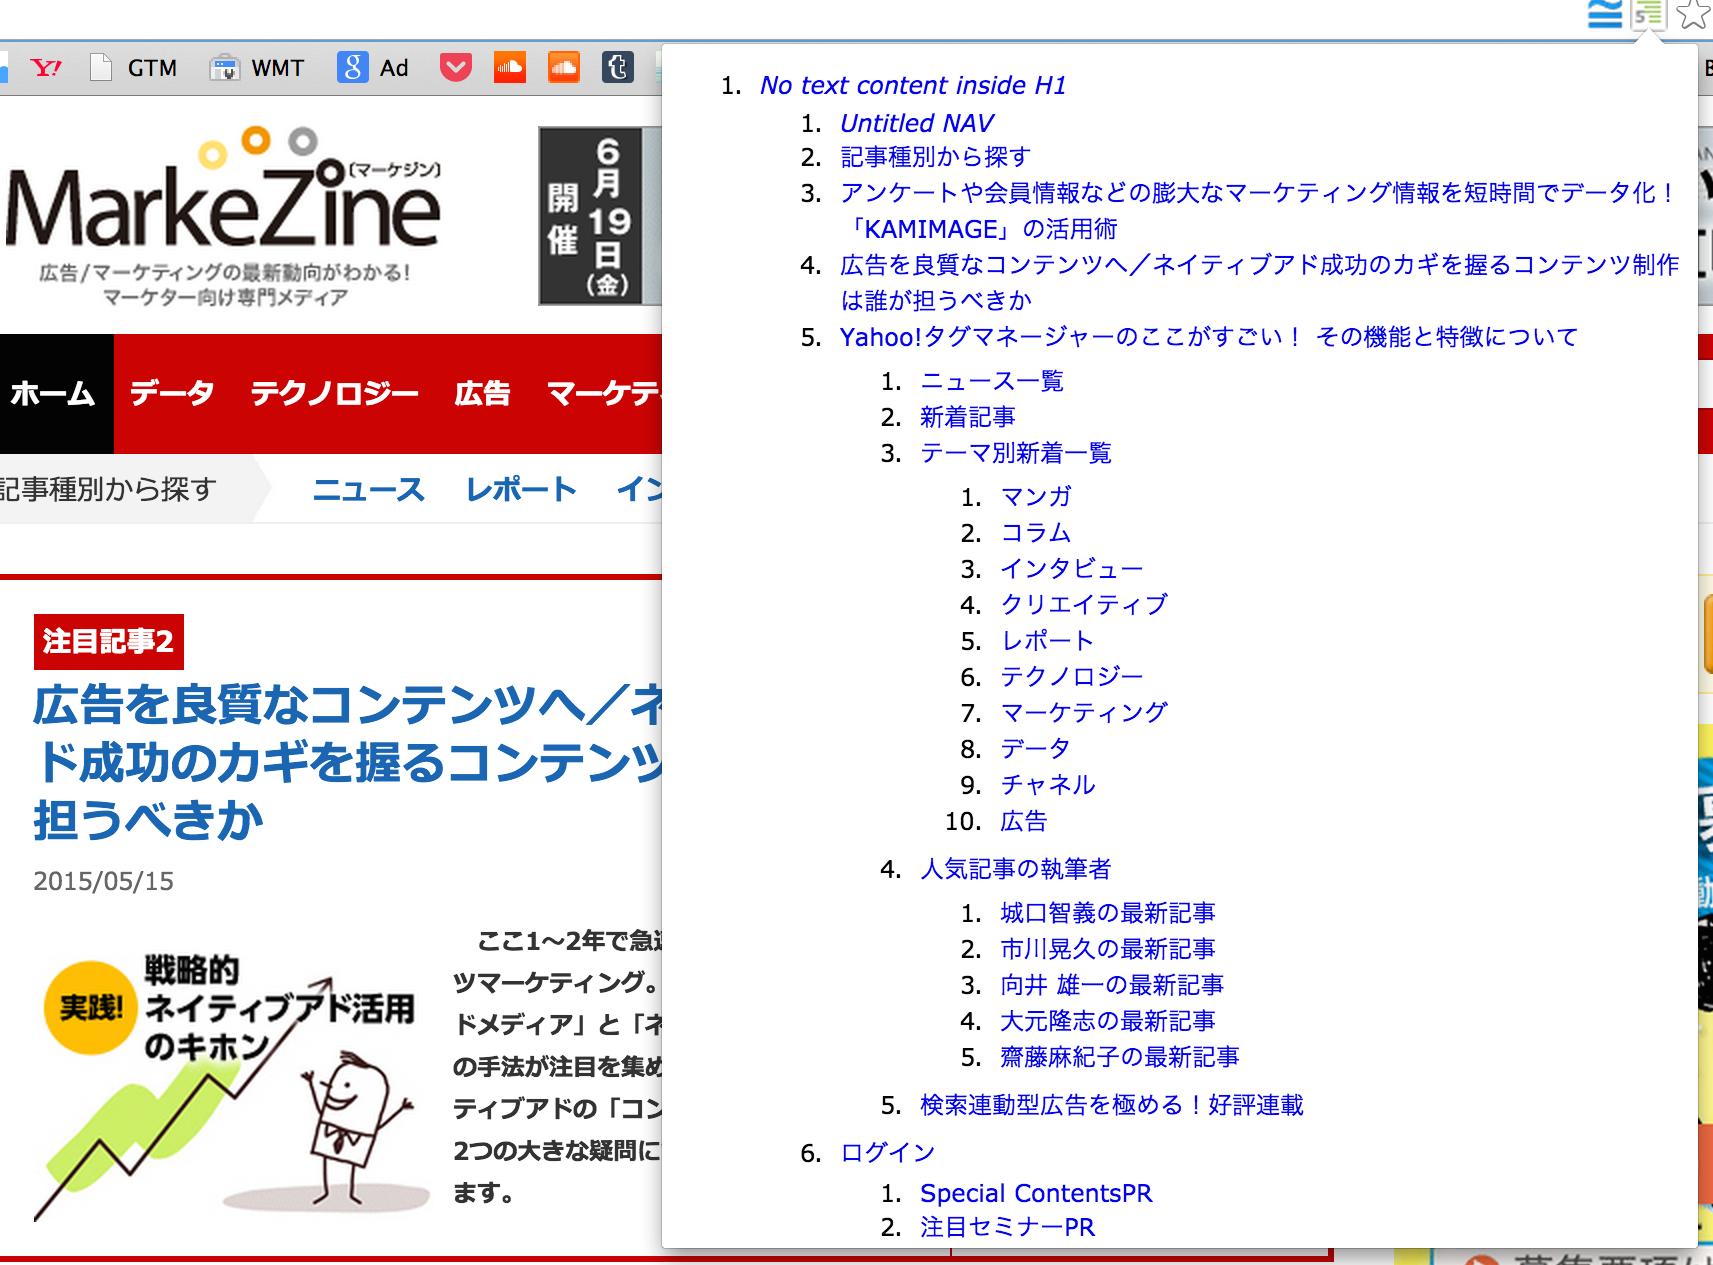 HTML5 OutlinerでのMarkeZine